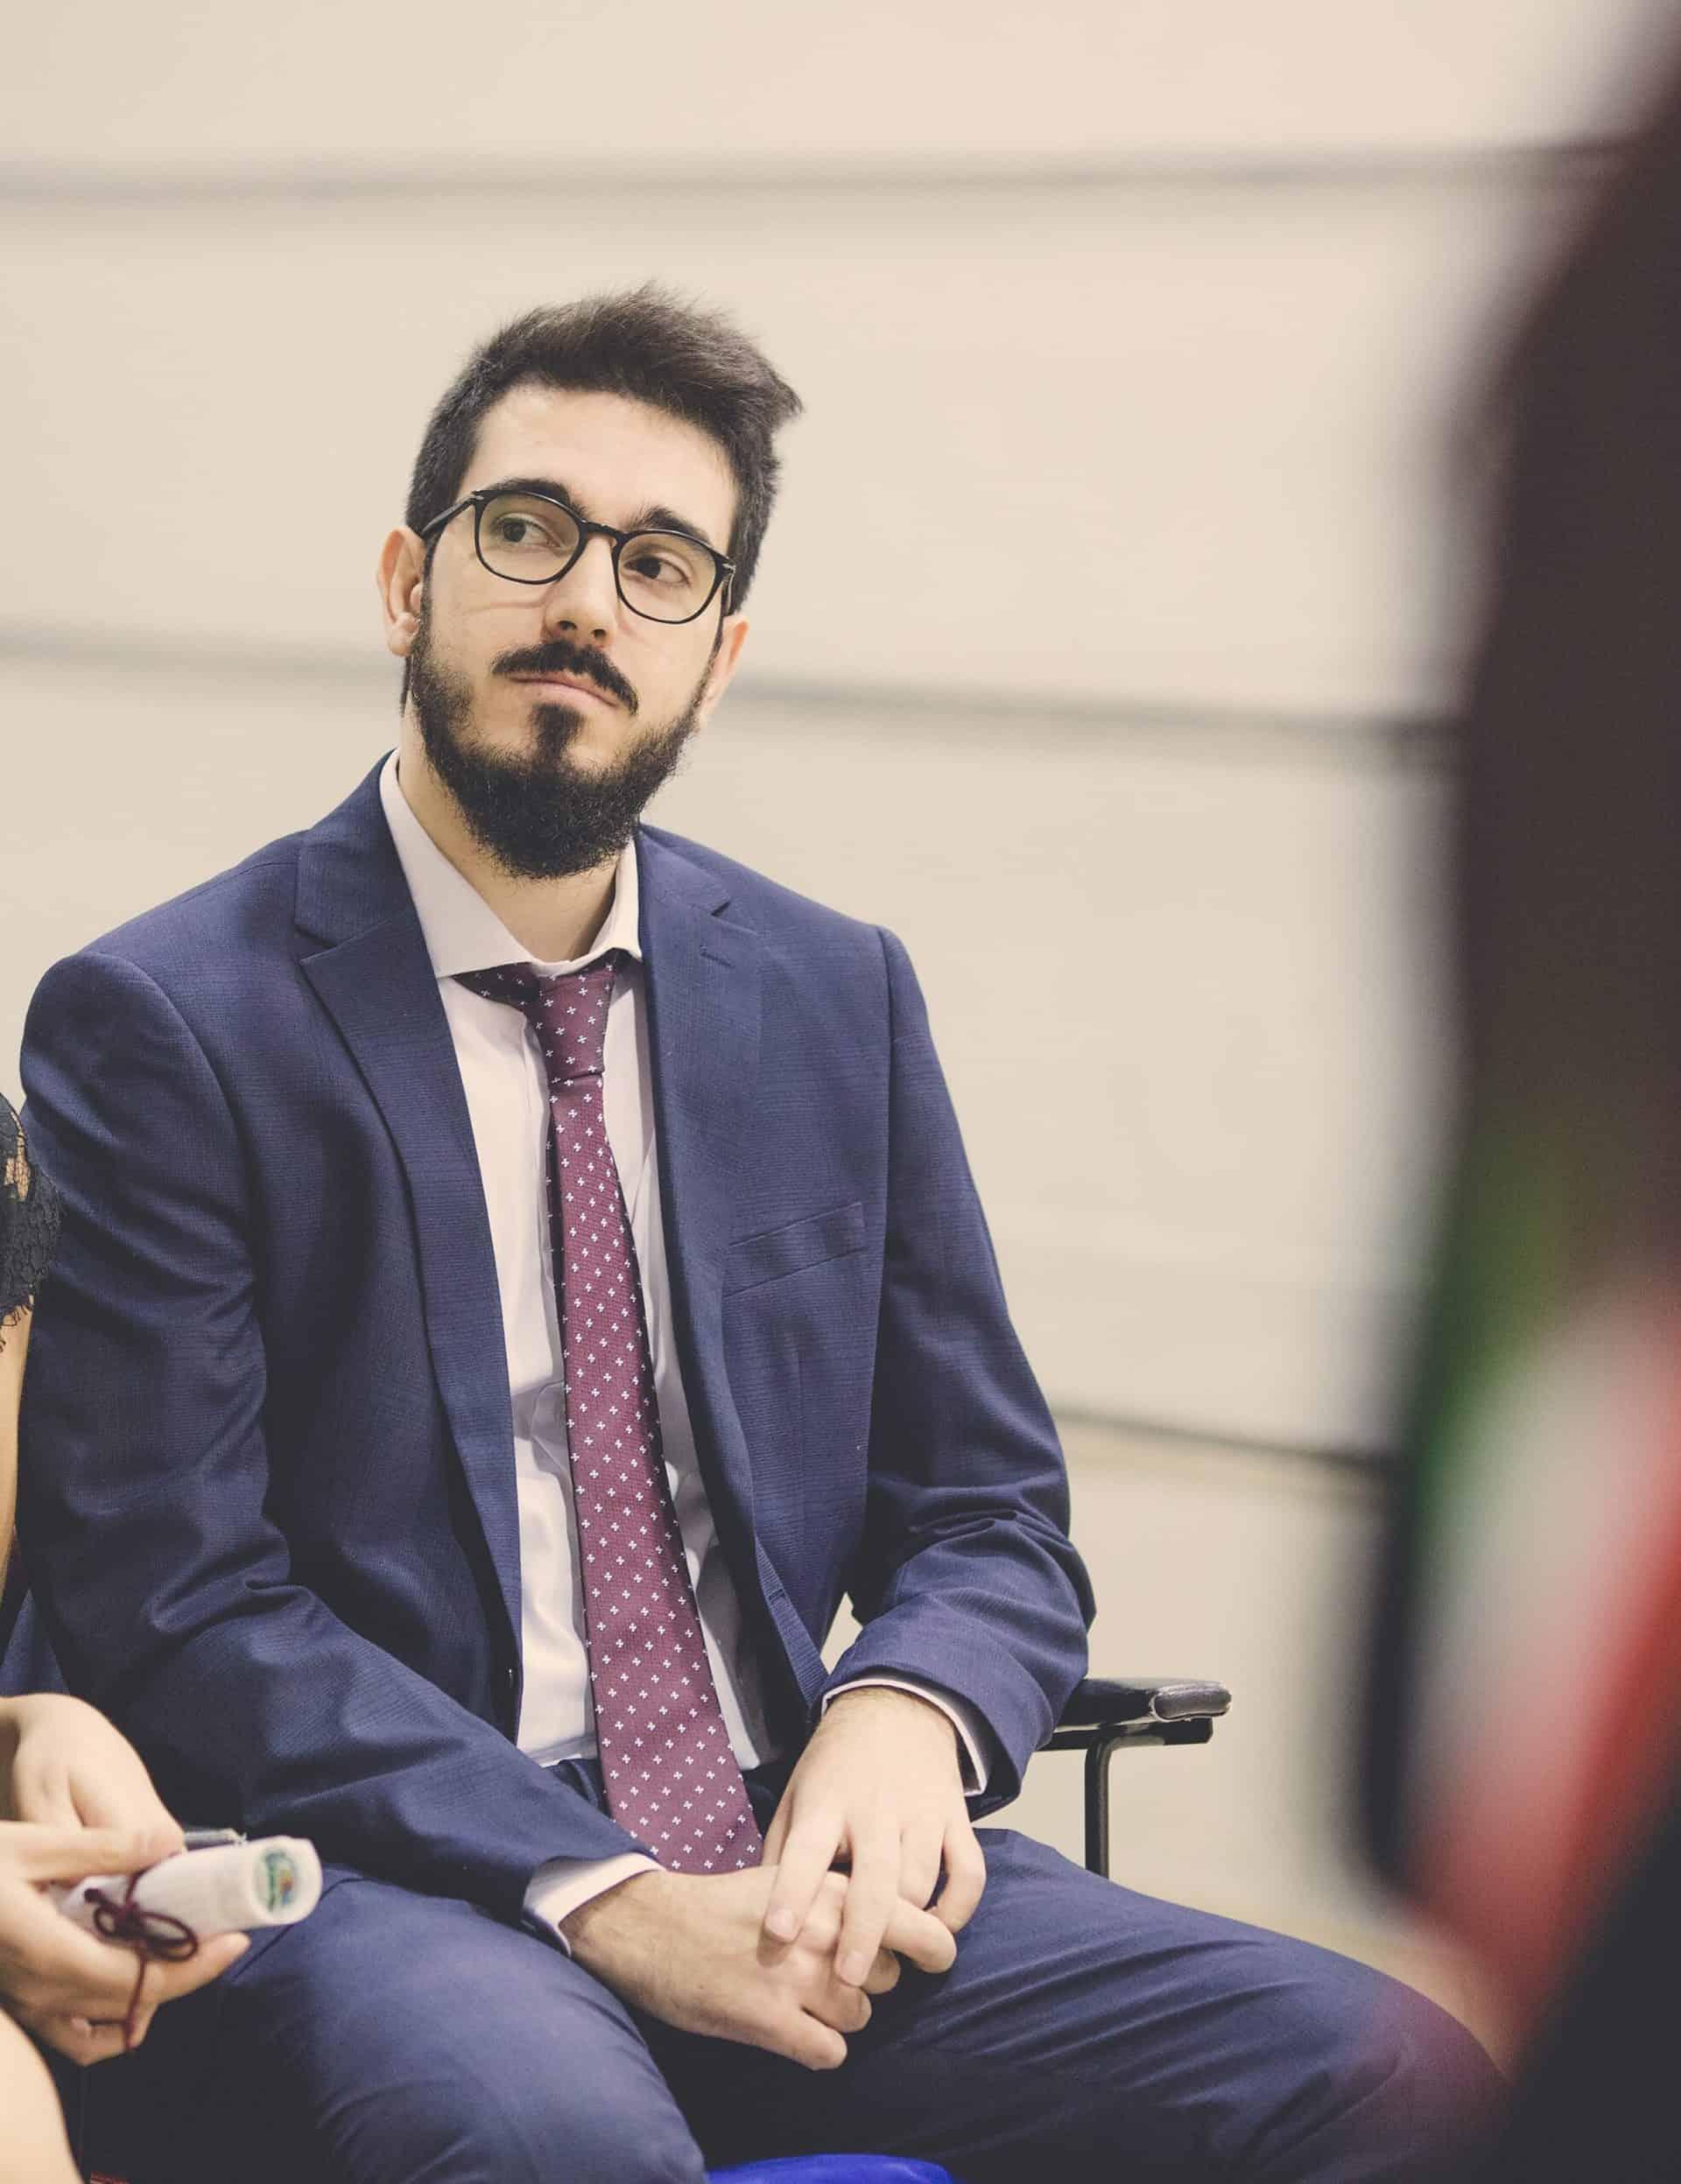 Danilo Monti